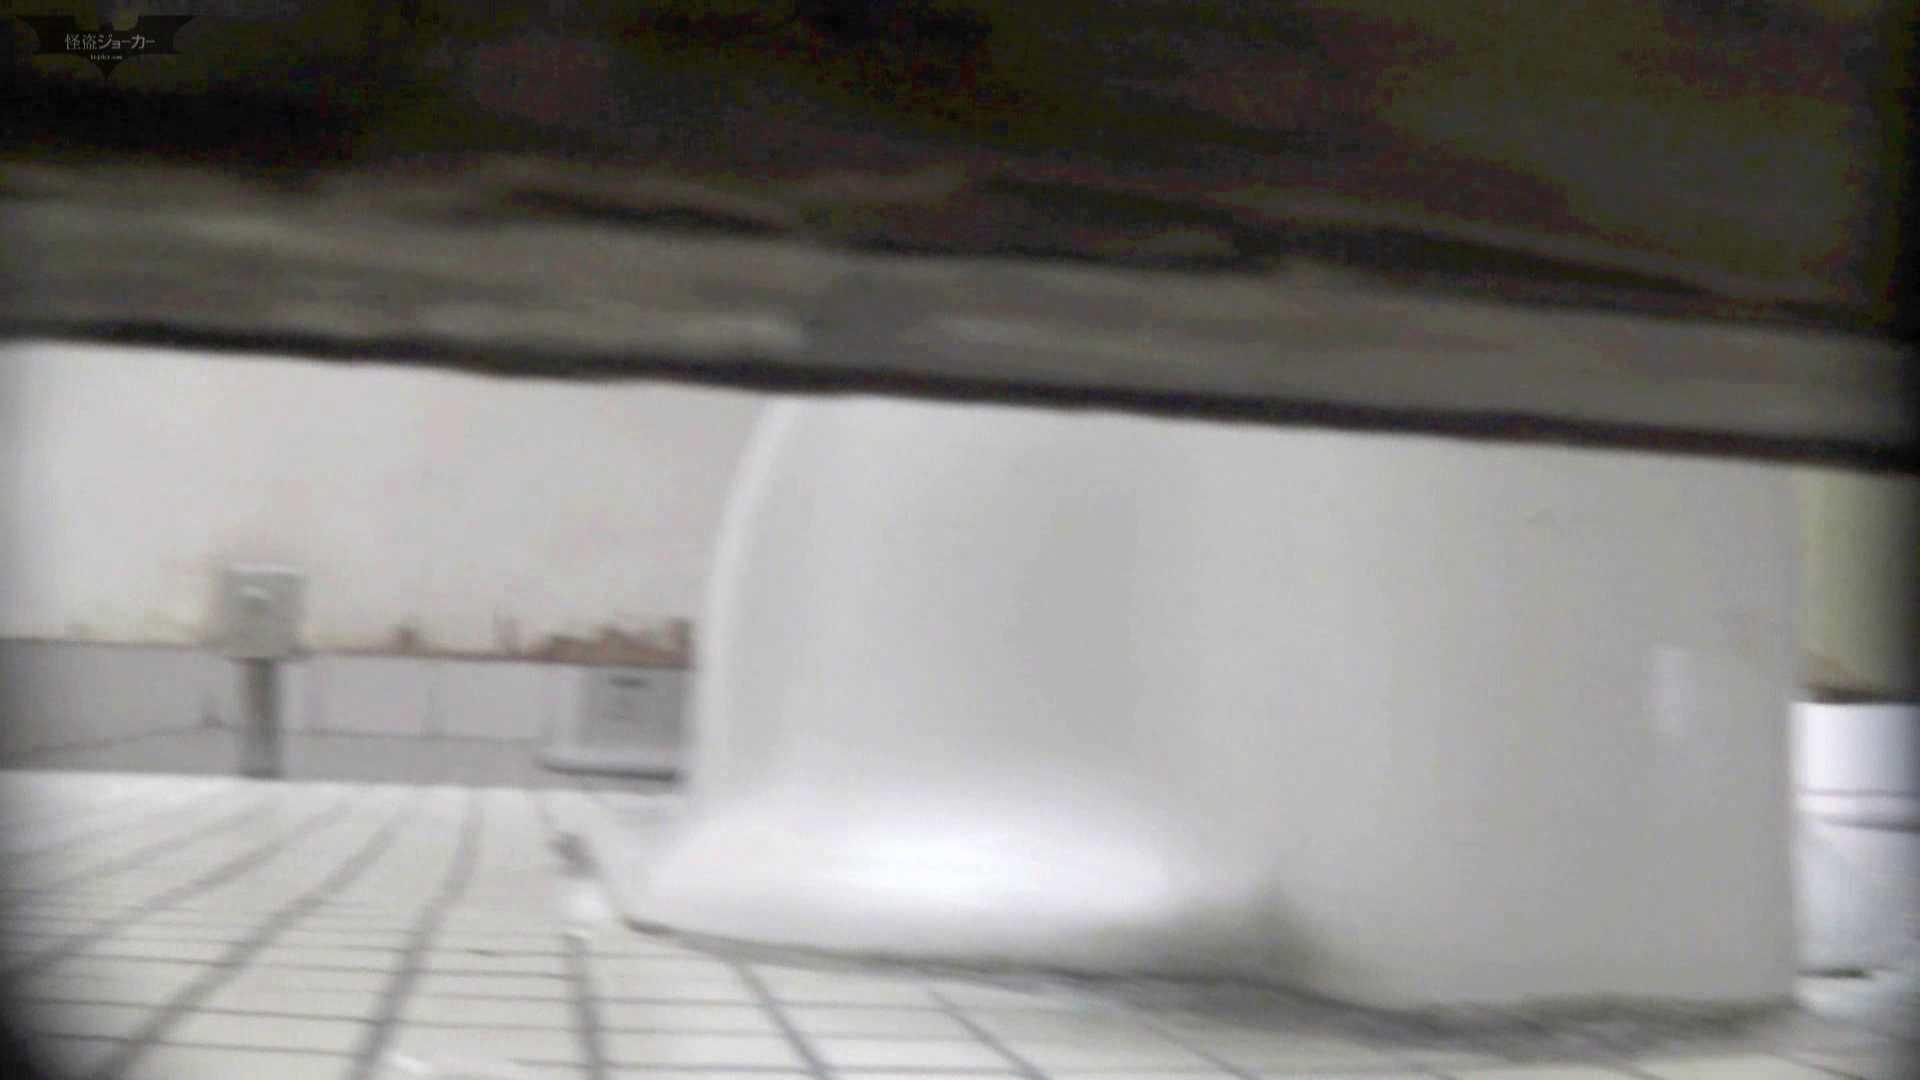 【潜入トイレ盗撮】洗面所特攻隊 vol.70 極上品の連続、歌いながら美女入室 盗撮エロすぎ | トイレ中  90連発 84